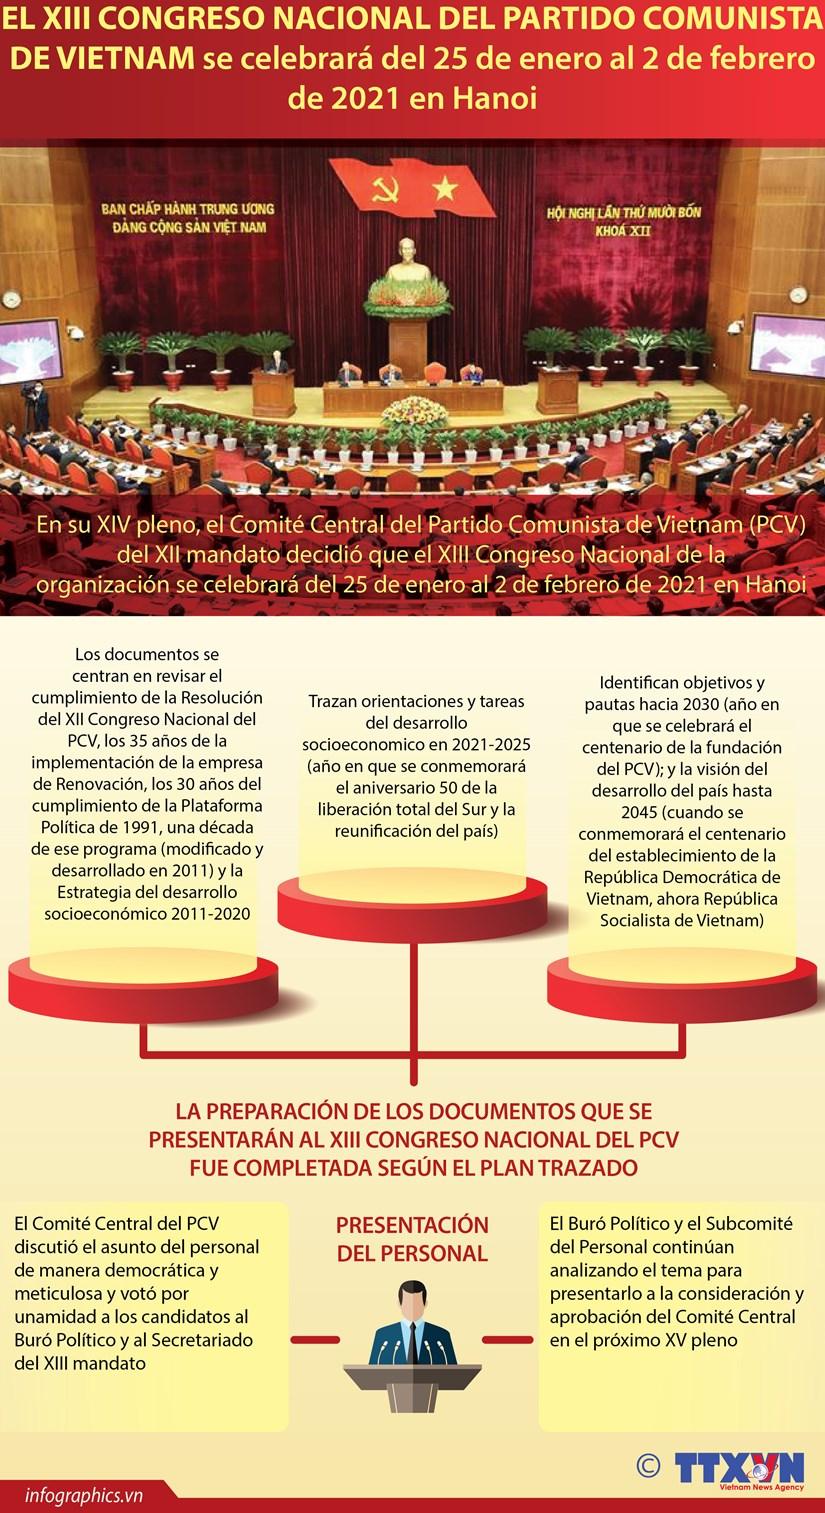 El XIII Congreso Nacional del PCV se celebrara del 25 de enero al 2 de febrero de 2021 en Hanoi hinh anh 1